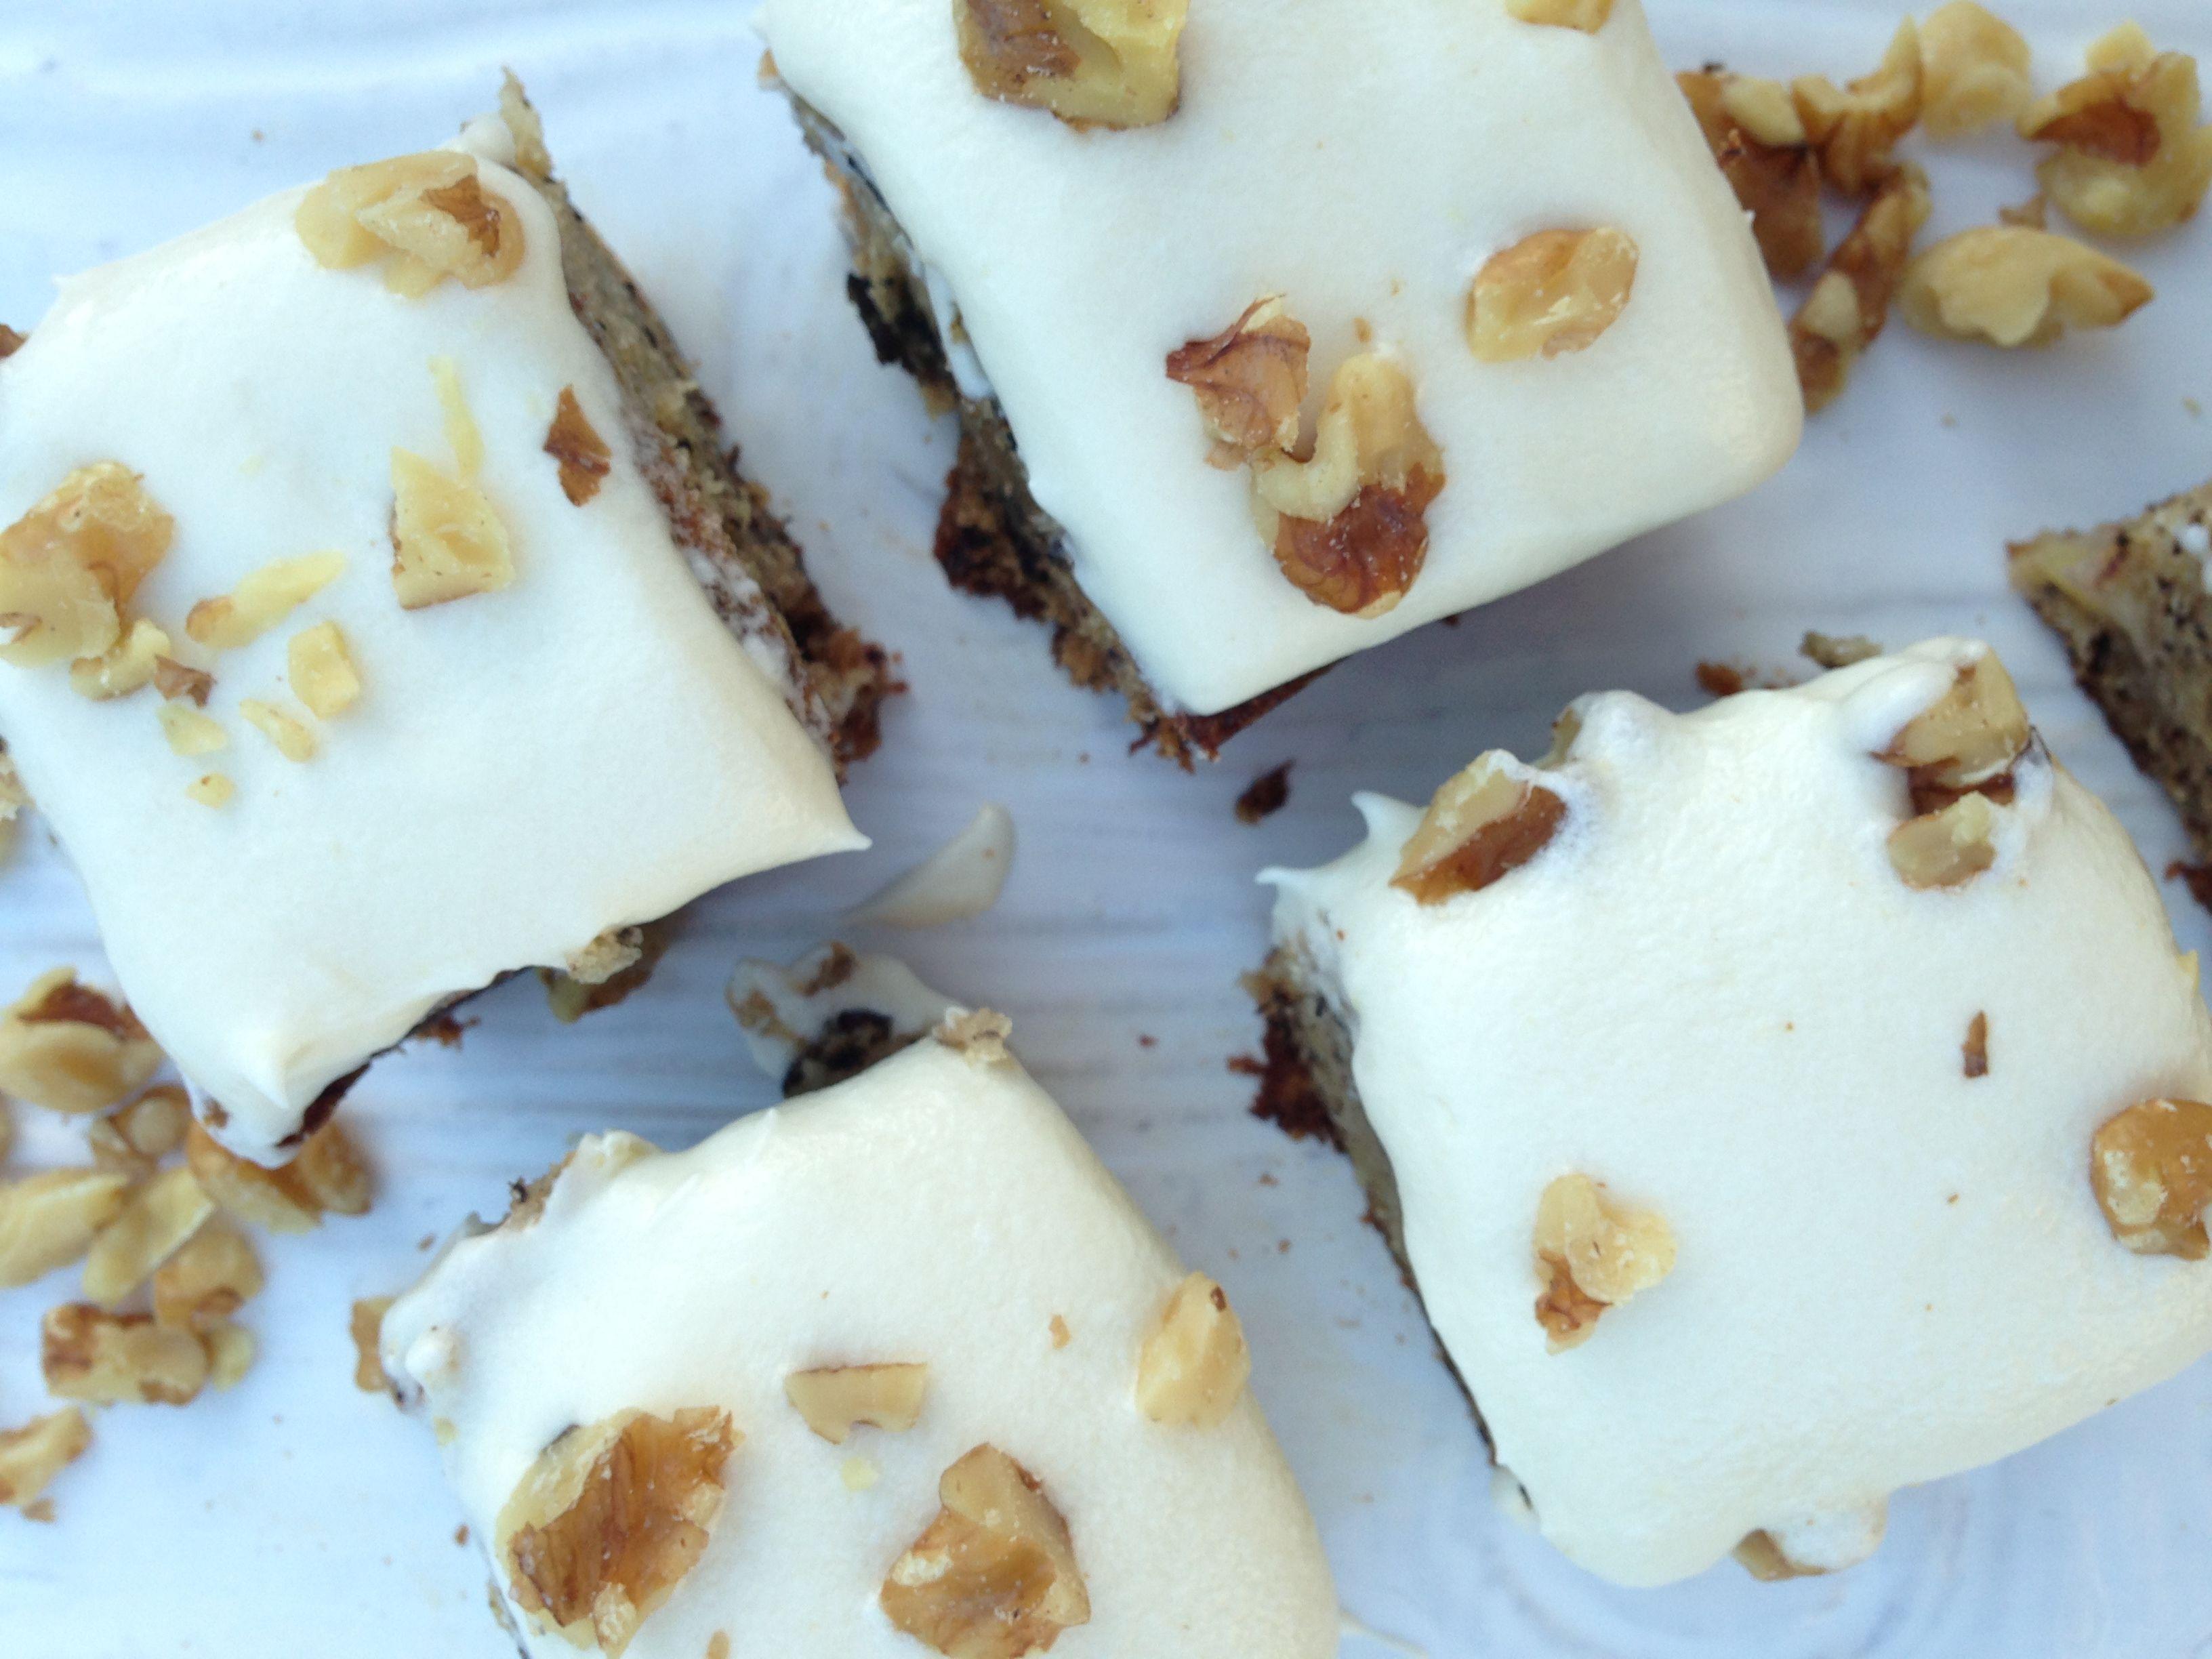 Banana Walnut Rum Cake with Cream Cheese Frosting